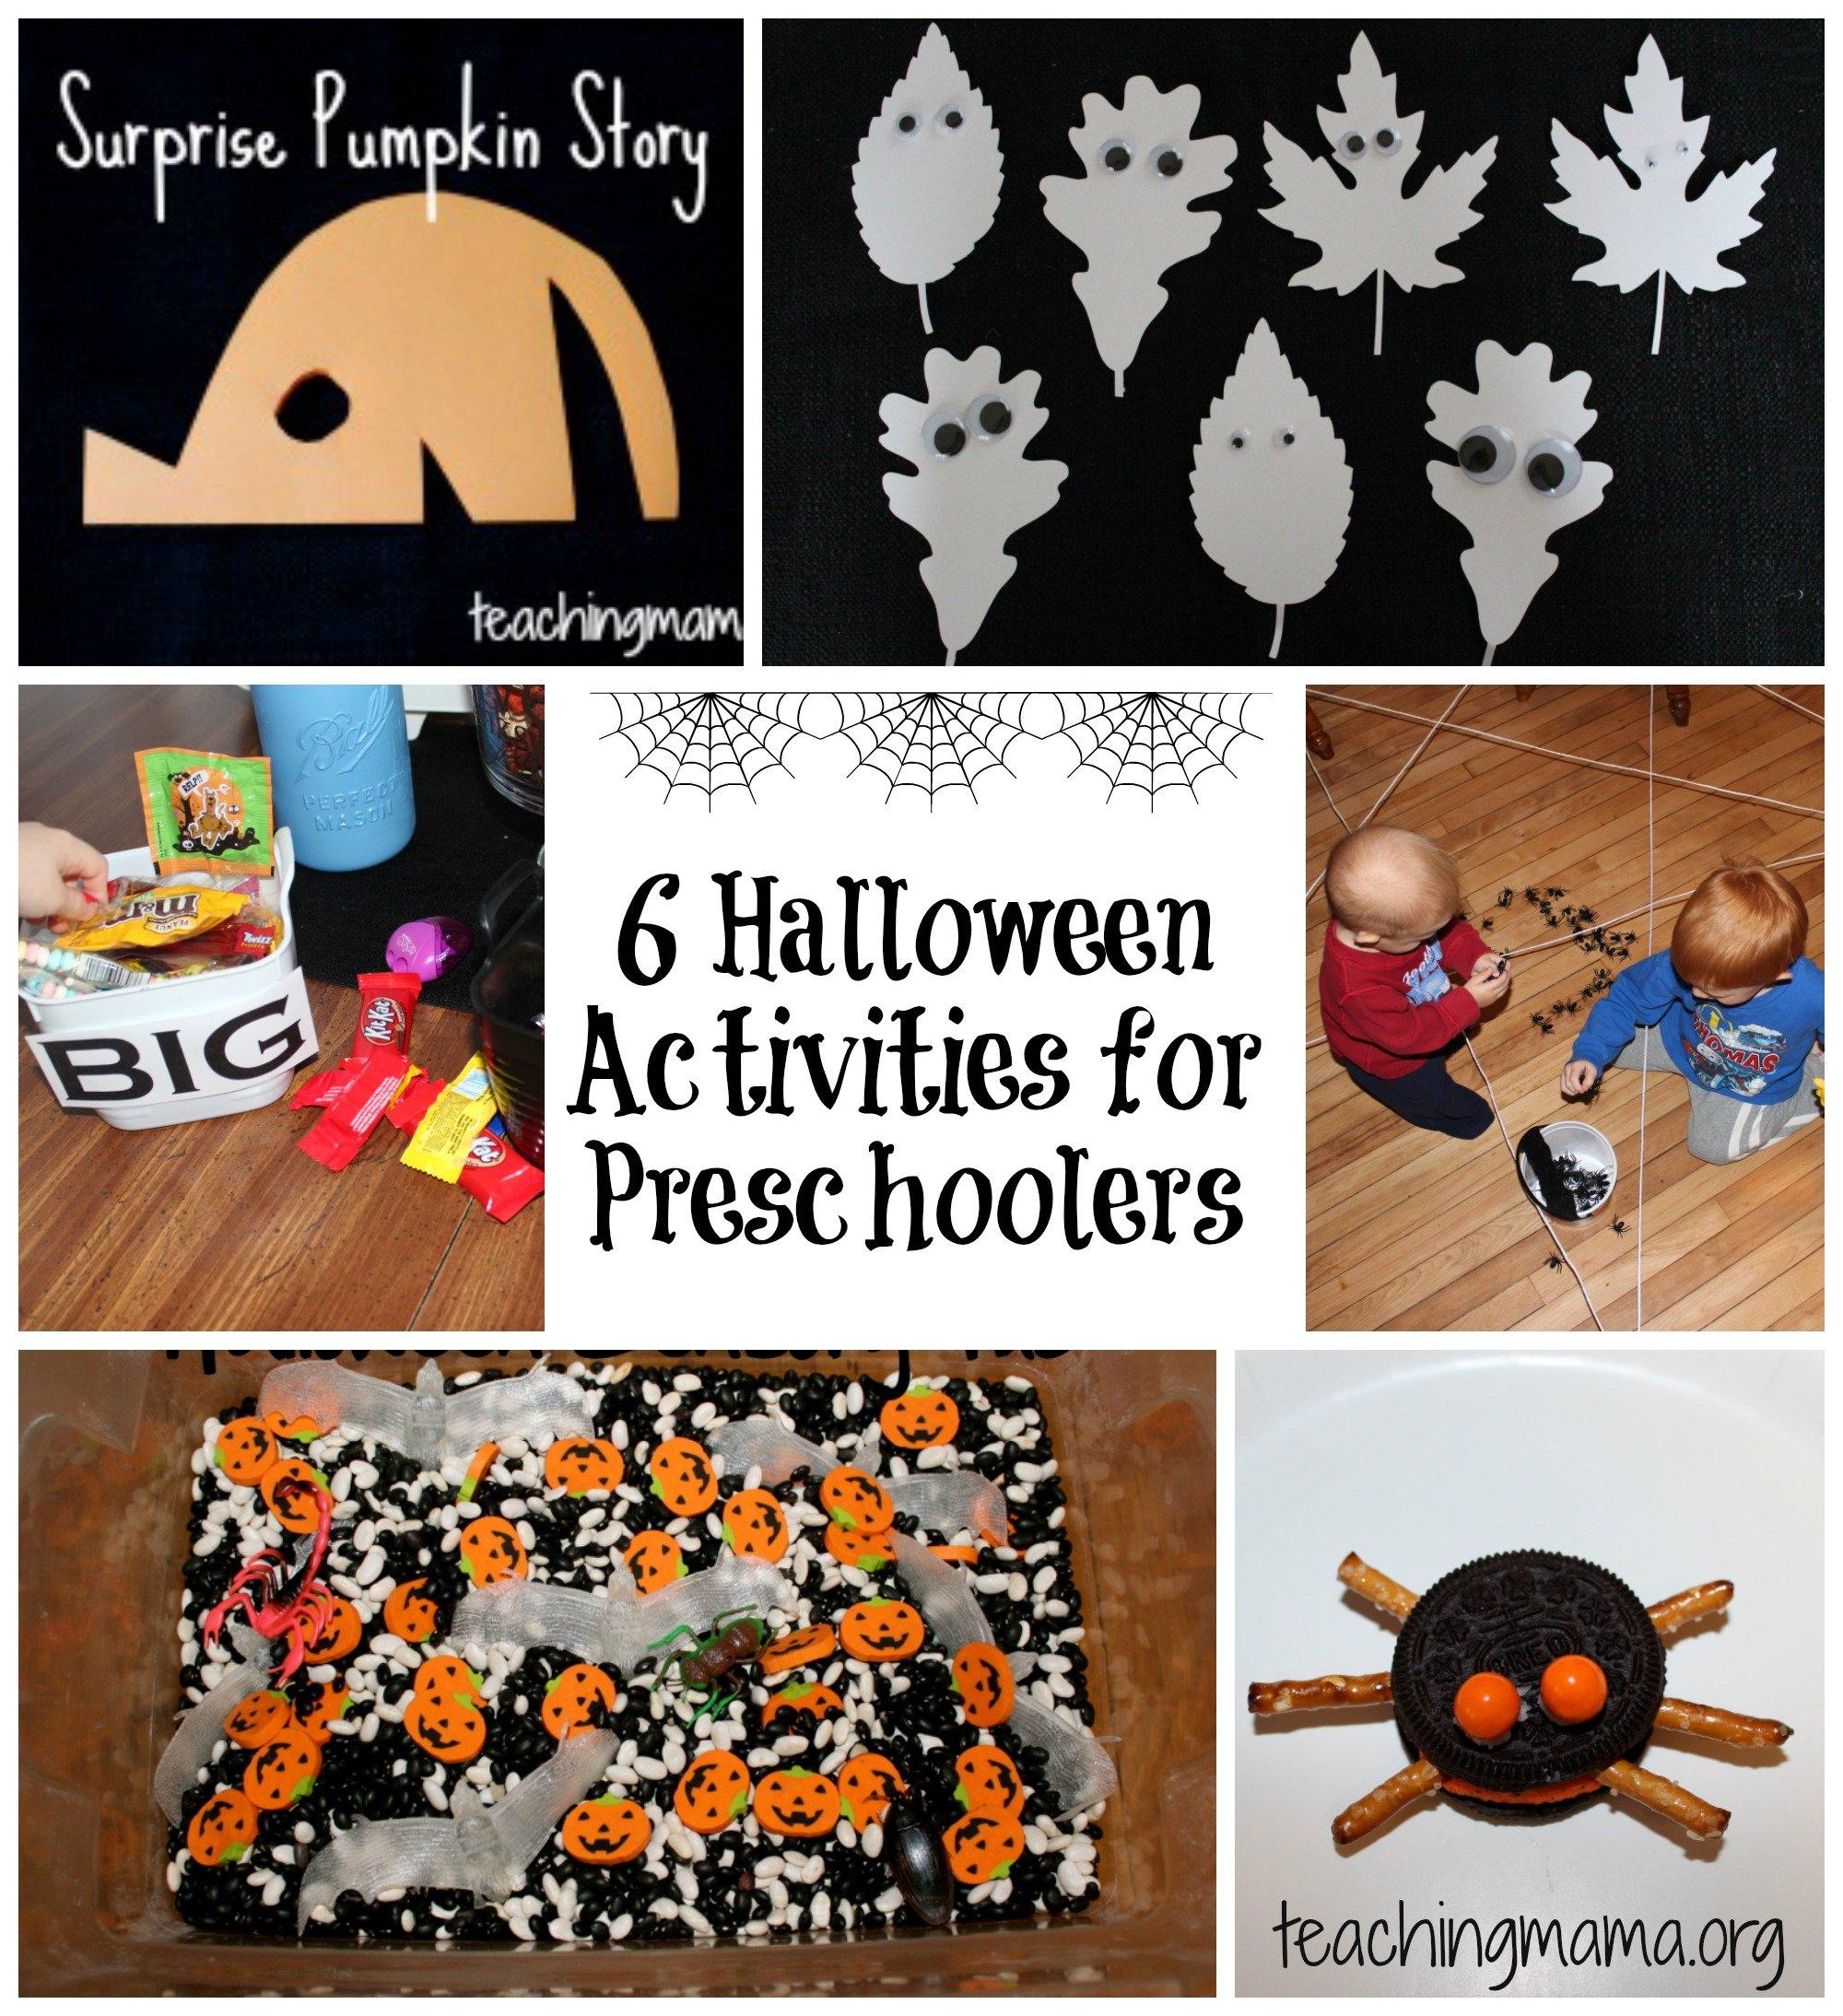 6 halloween activities for preschoolers for Halloween party games for preschoolers